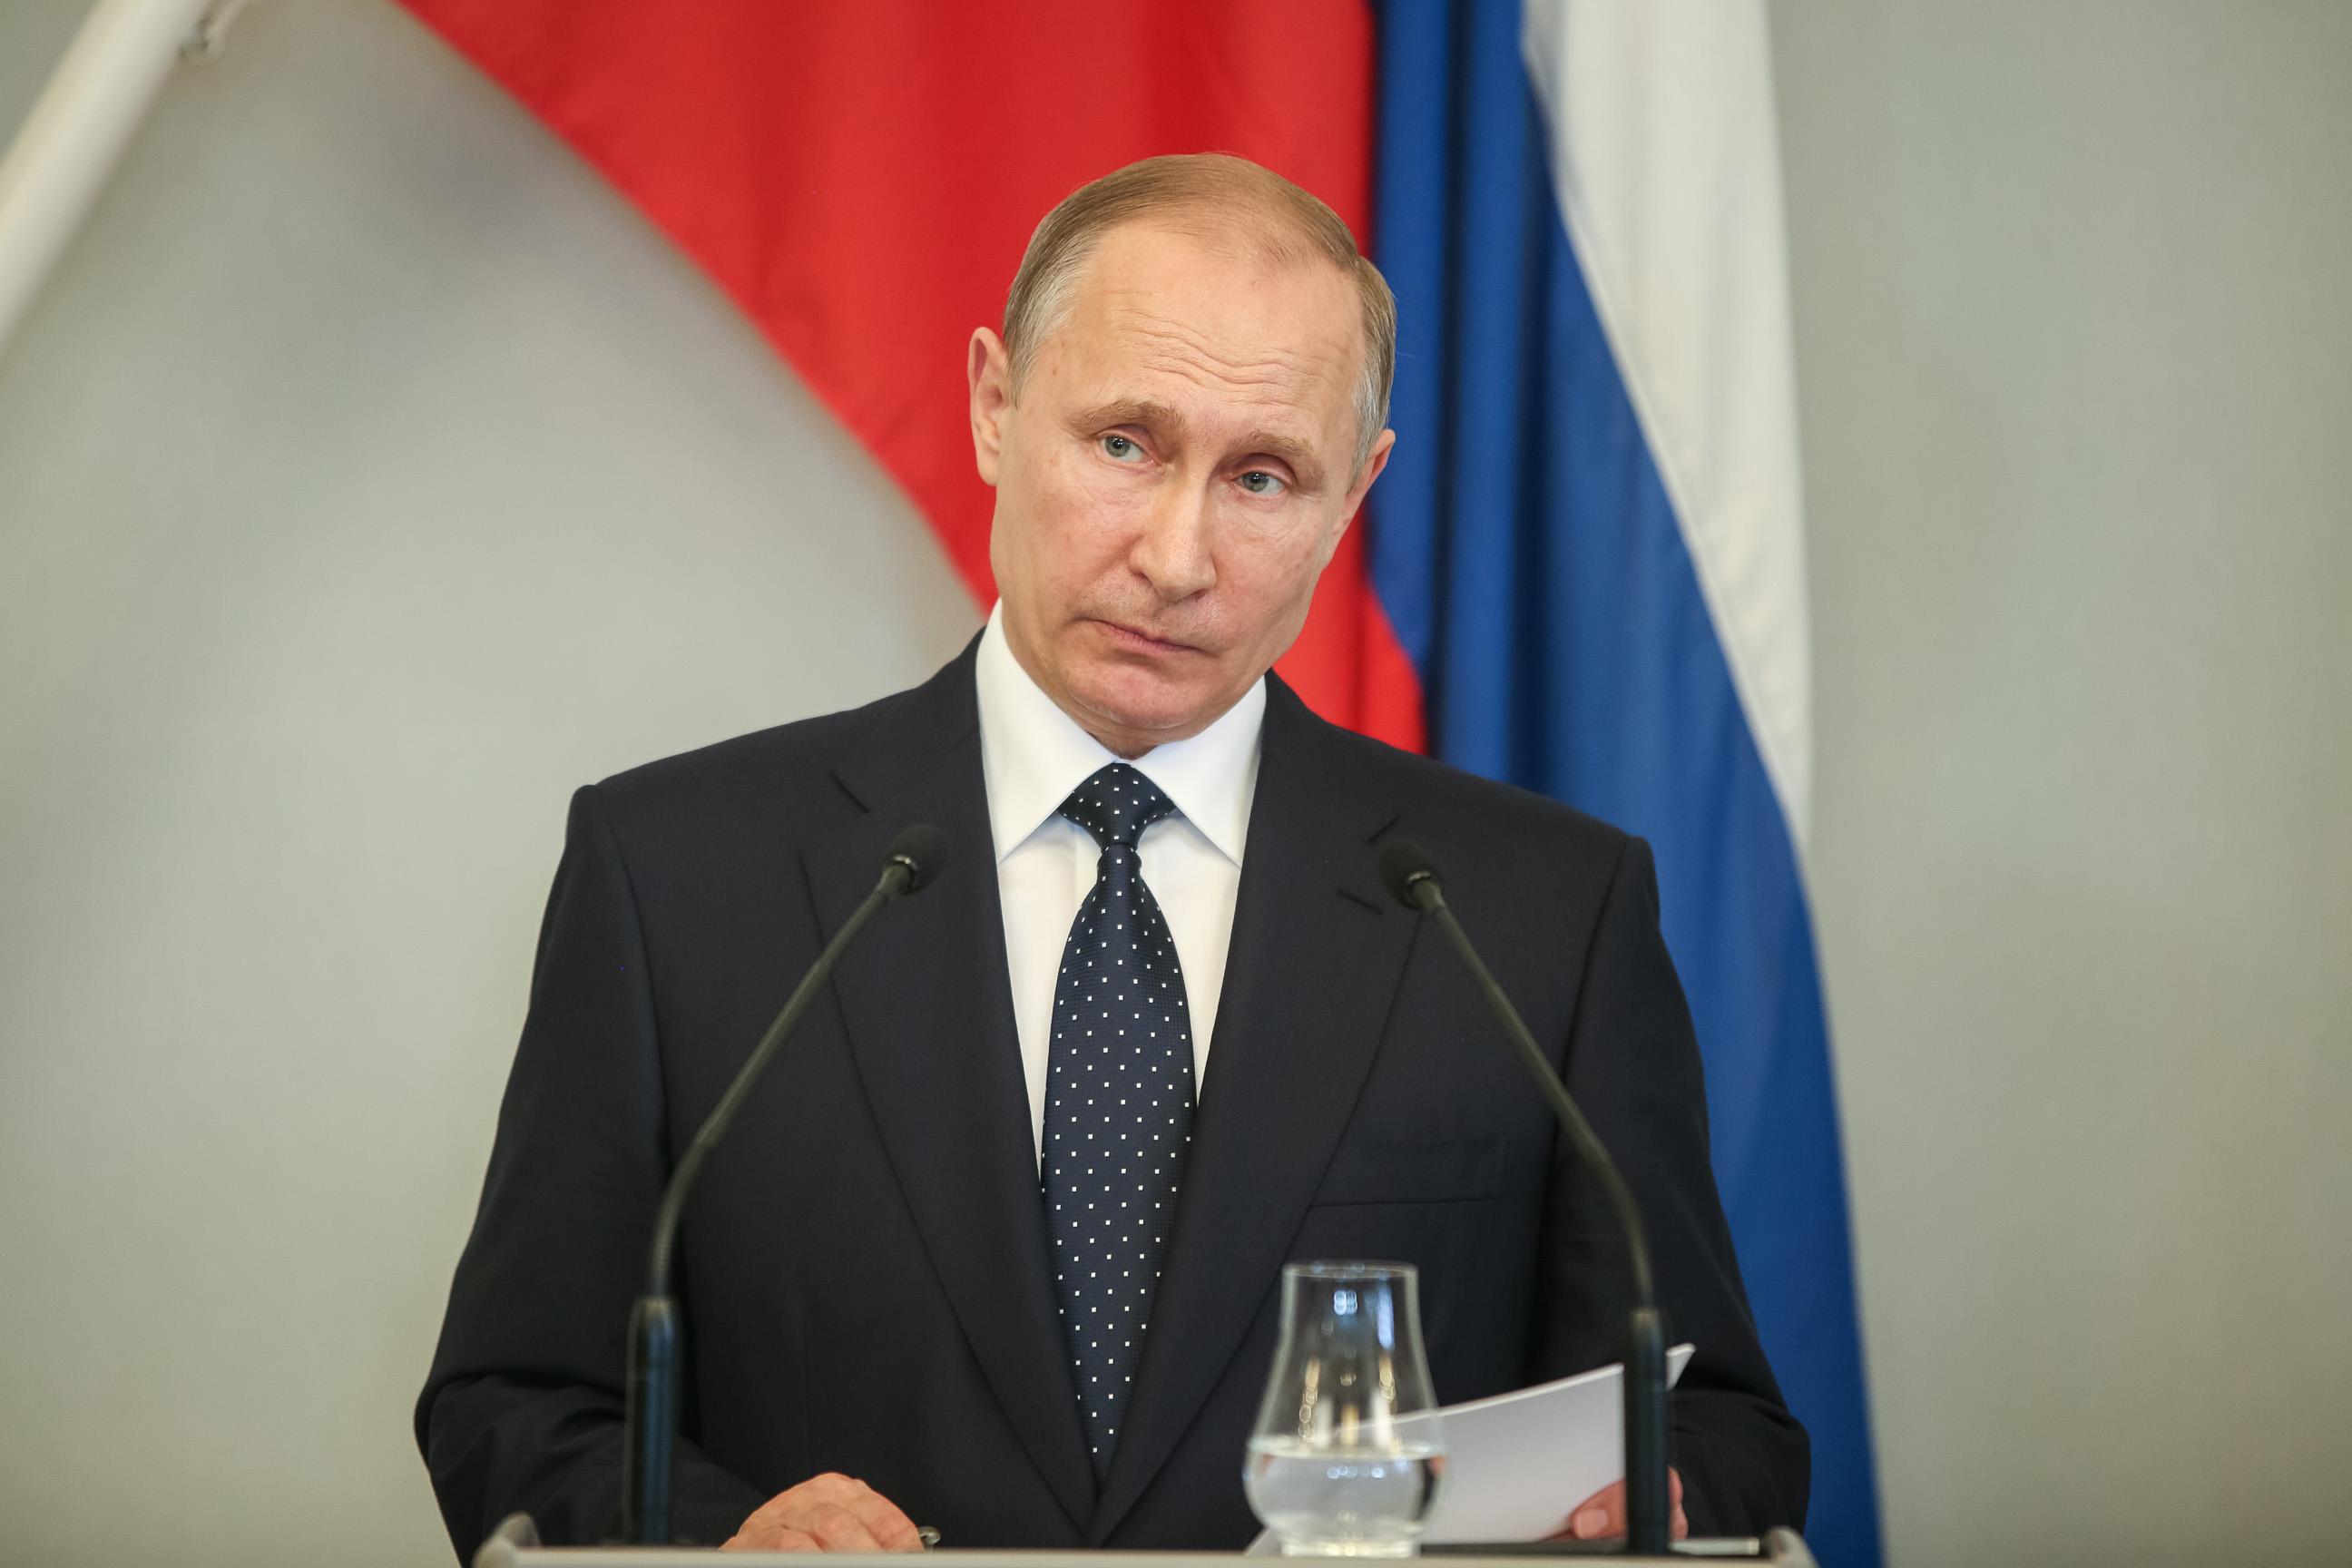 On todennäköistä, että Vladimir Putin valitaan uudelleen presidentiksi 18. maaliskuuta.